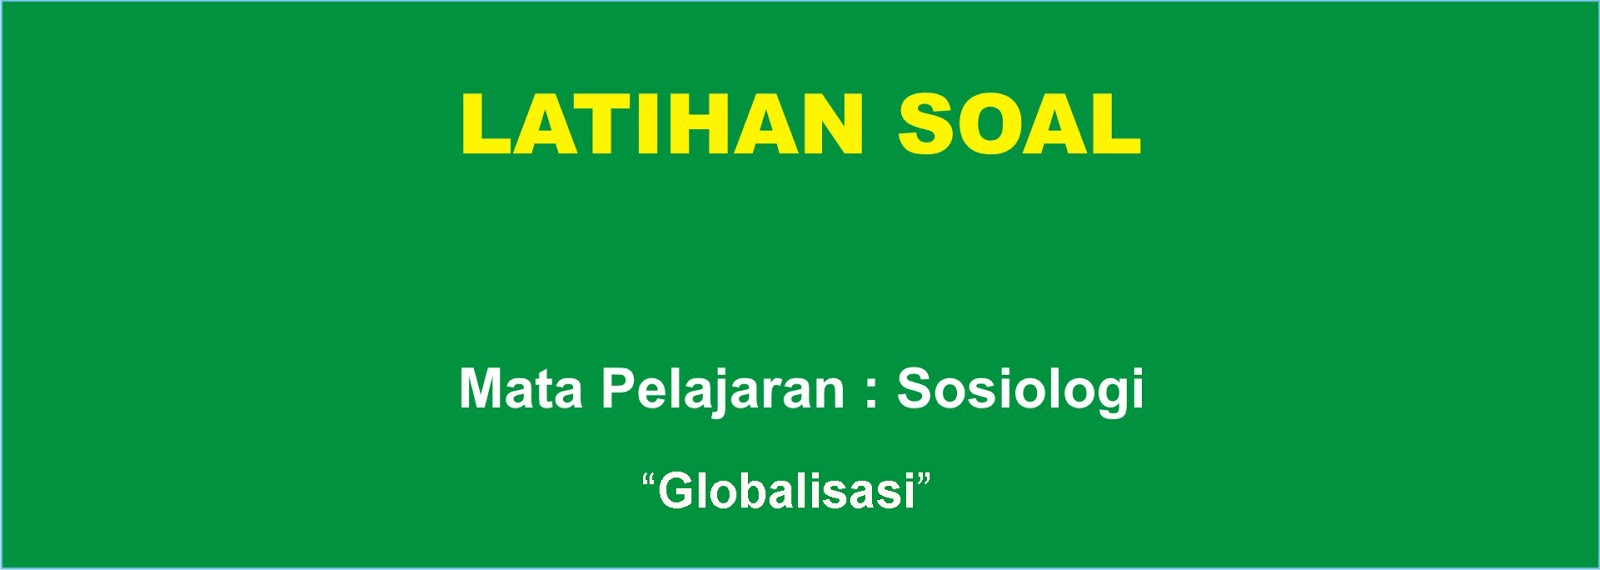 soal essay sosiologi globalisasi